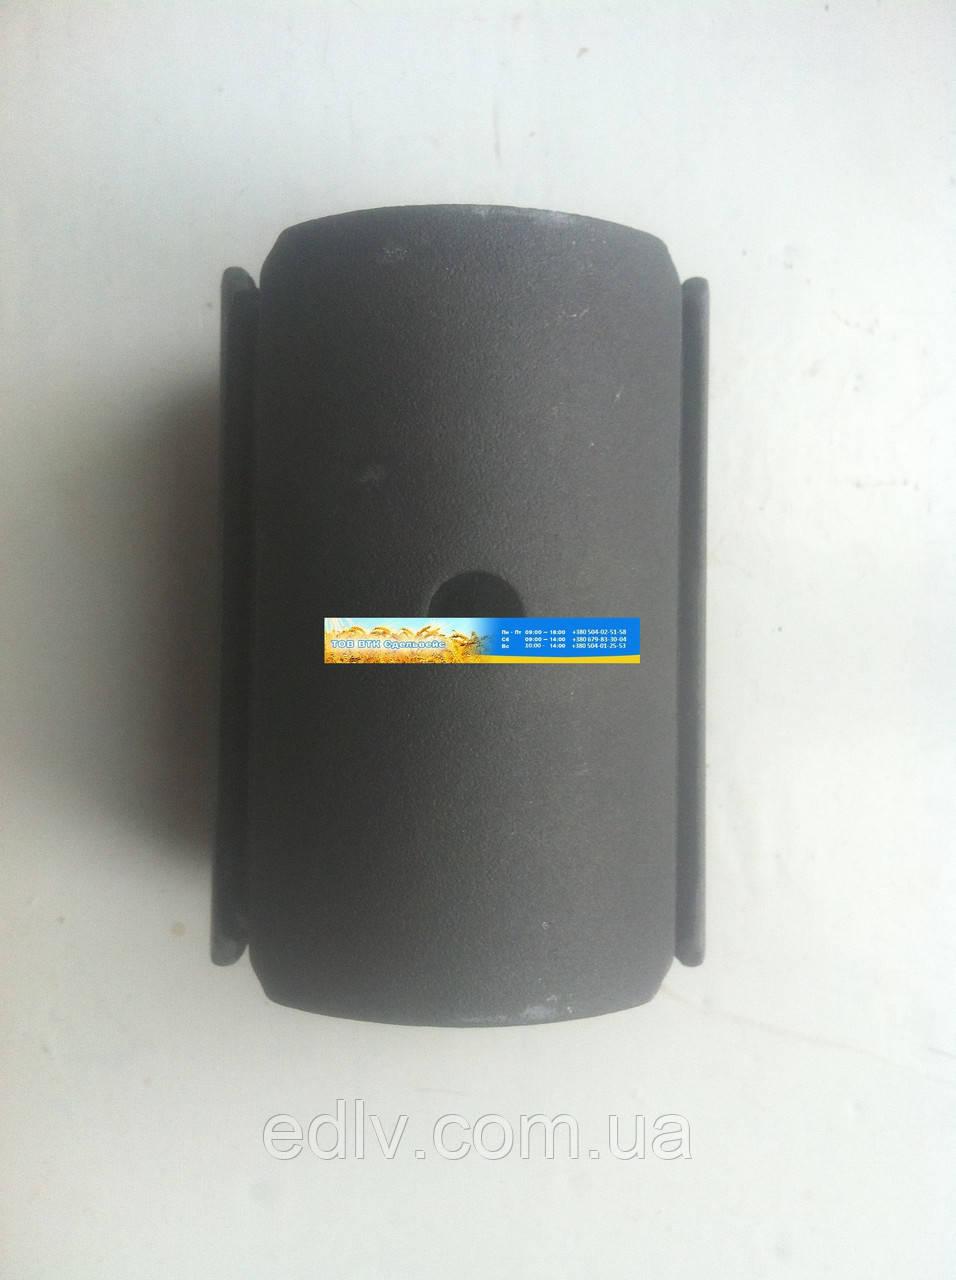 Втулка ушка рессоры ГАЗ 3302 (сайлентблок) (SB70-101) (пр-во Трек)